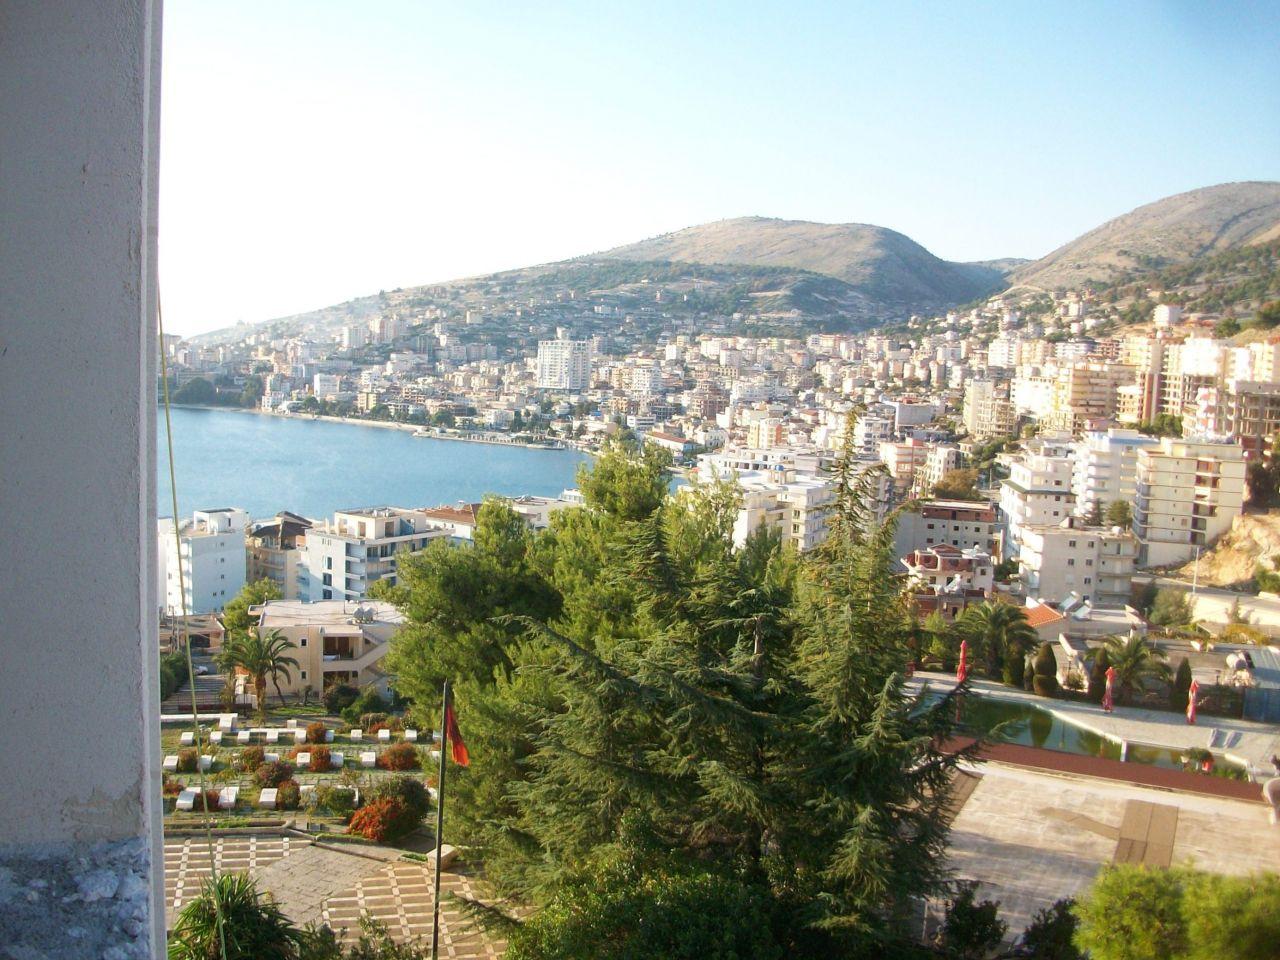 Eladó lakások Sarande. Tengerre néző lakás eladó Albániában.